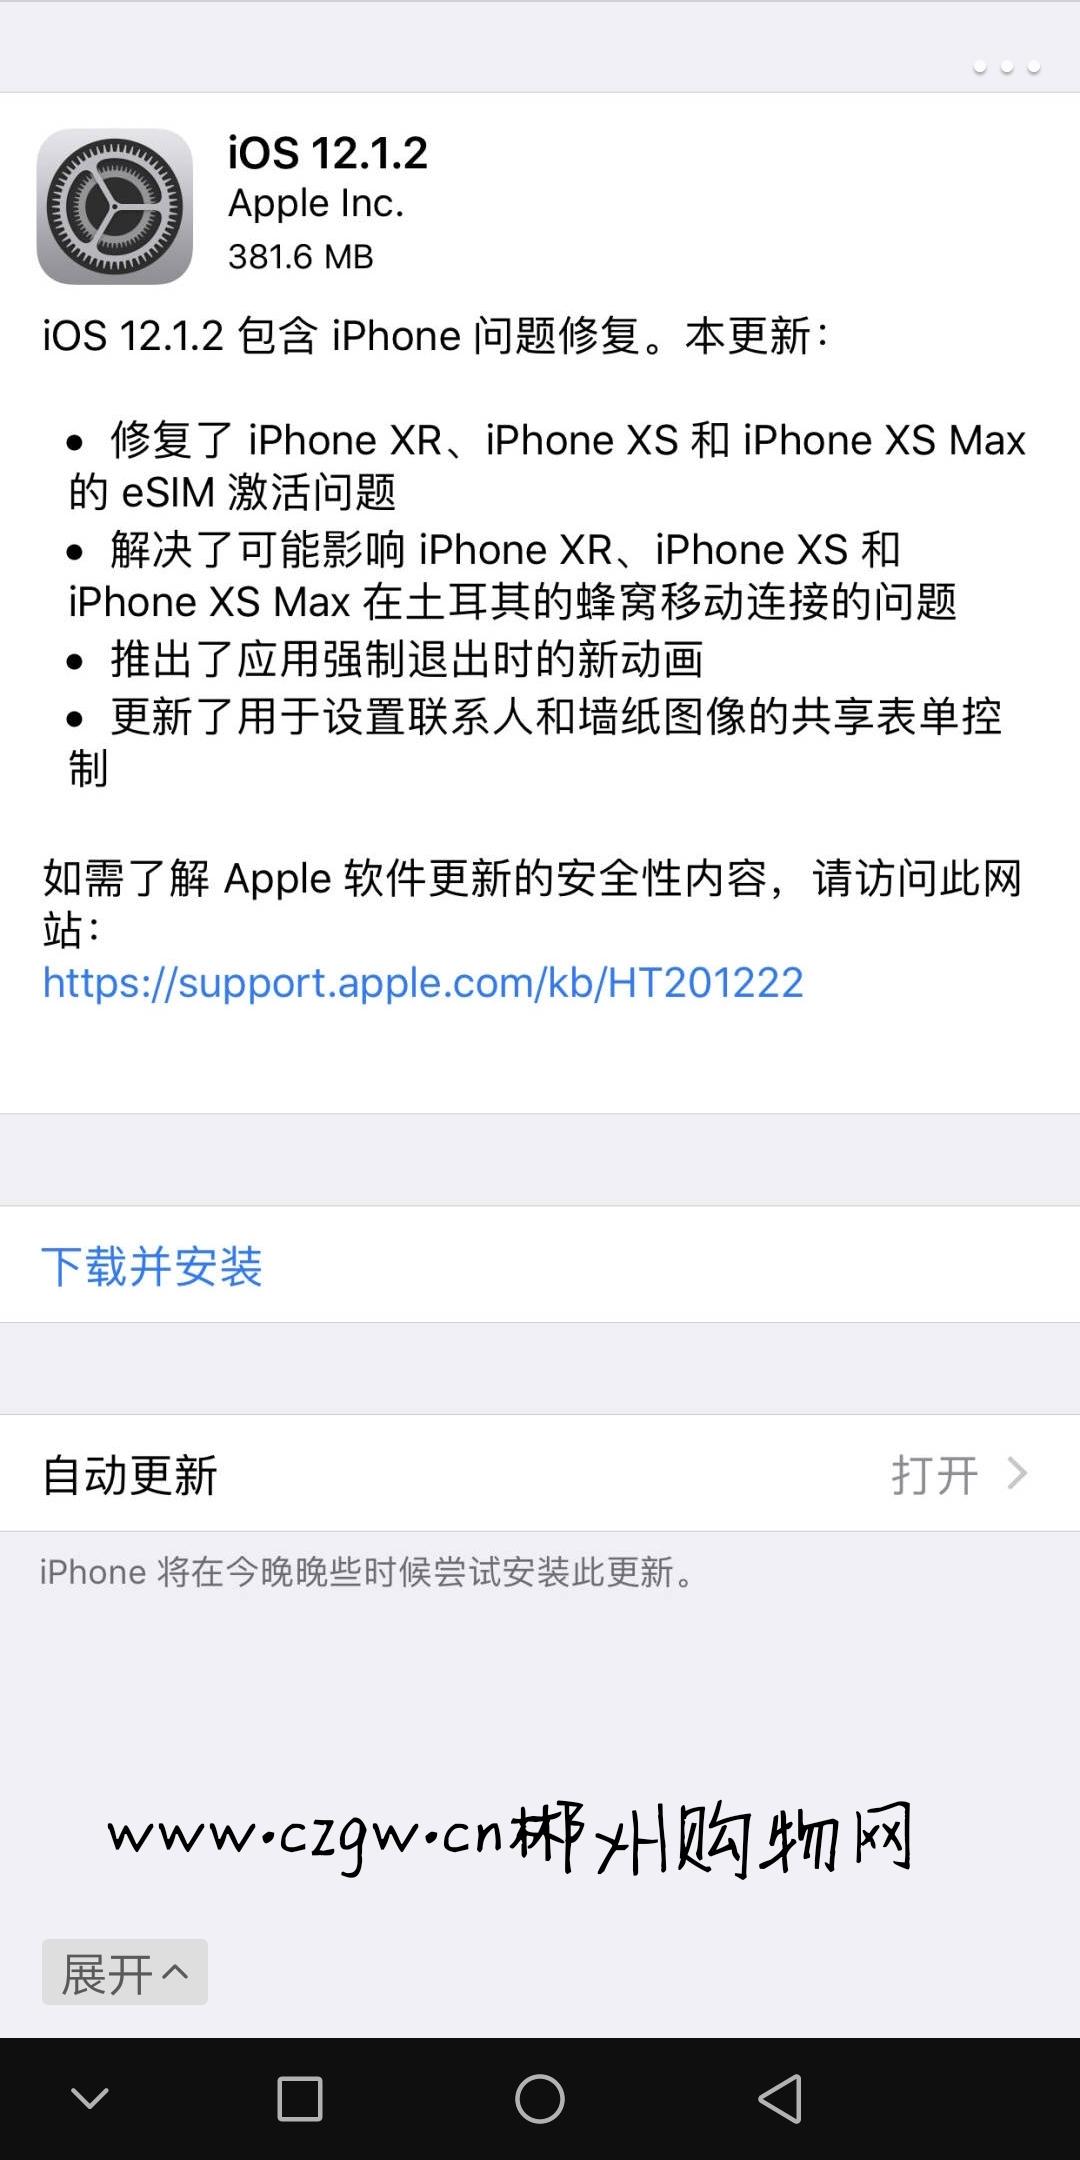 苹果又推ios12.1.2更新了,你们更新了吗 